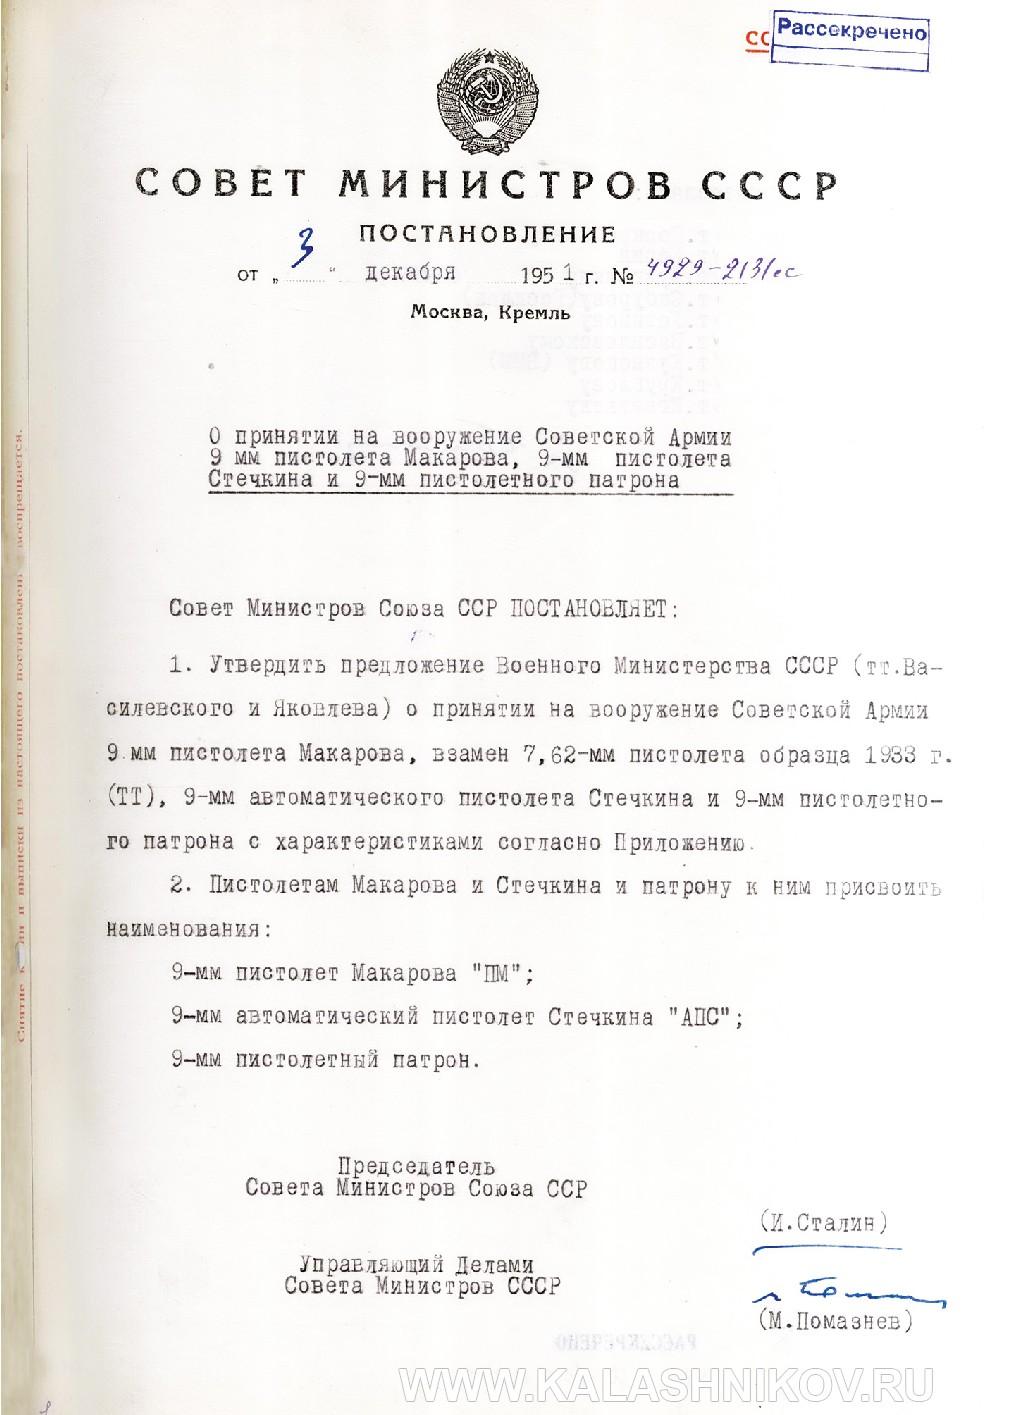 постановление о принятии на вооружение пистолета Макарова. 1951 г.